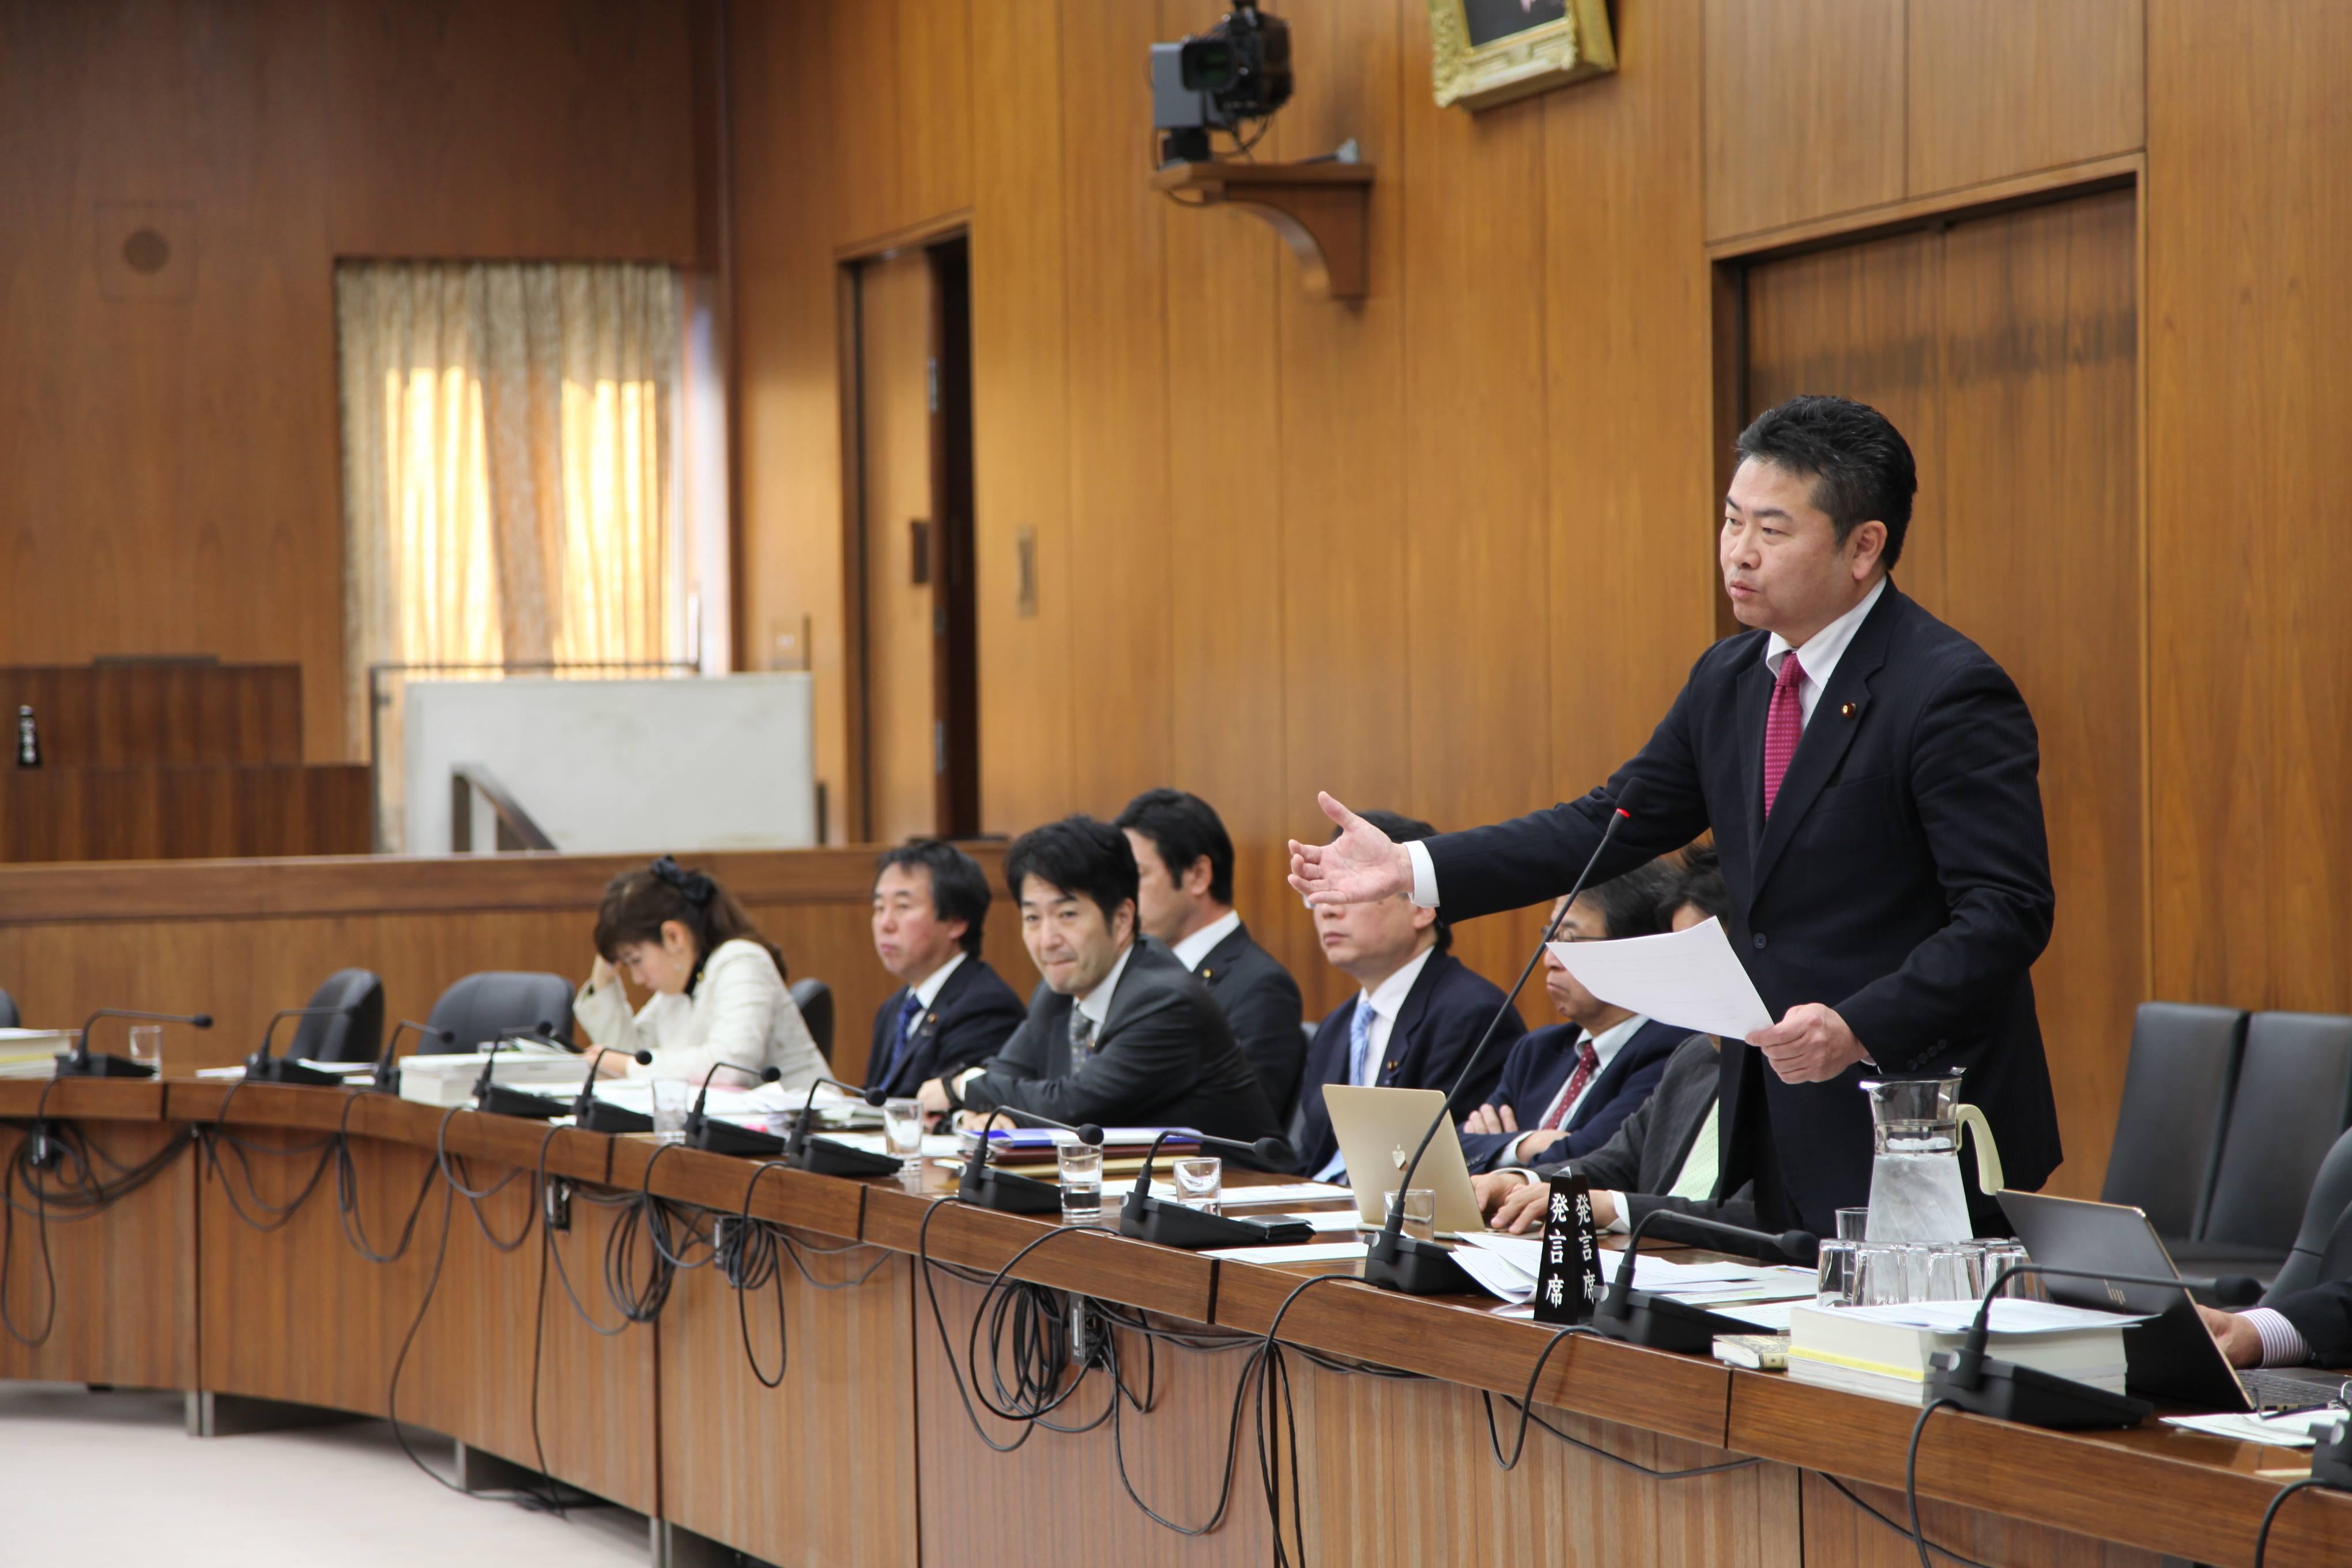 明日(5月14日)9時45分~10時、総務委員会「参考人質疑」で質問に立ちます。